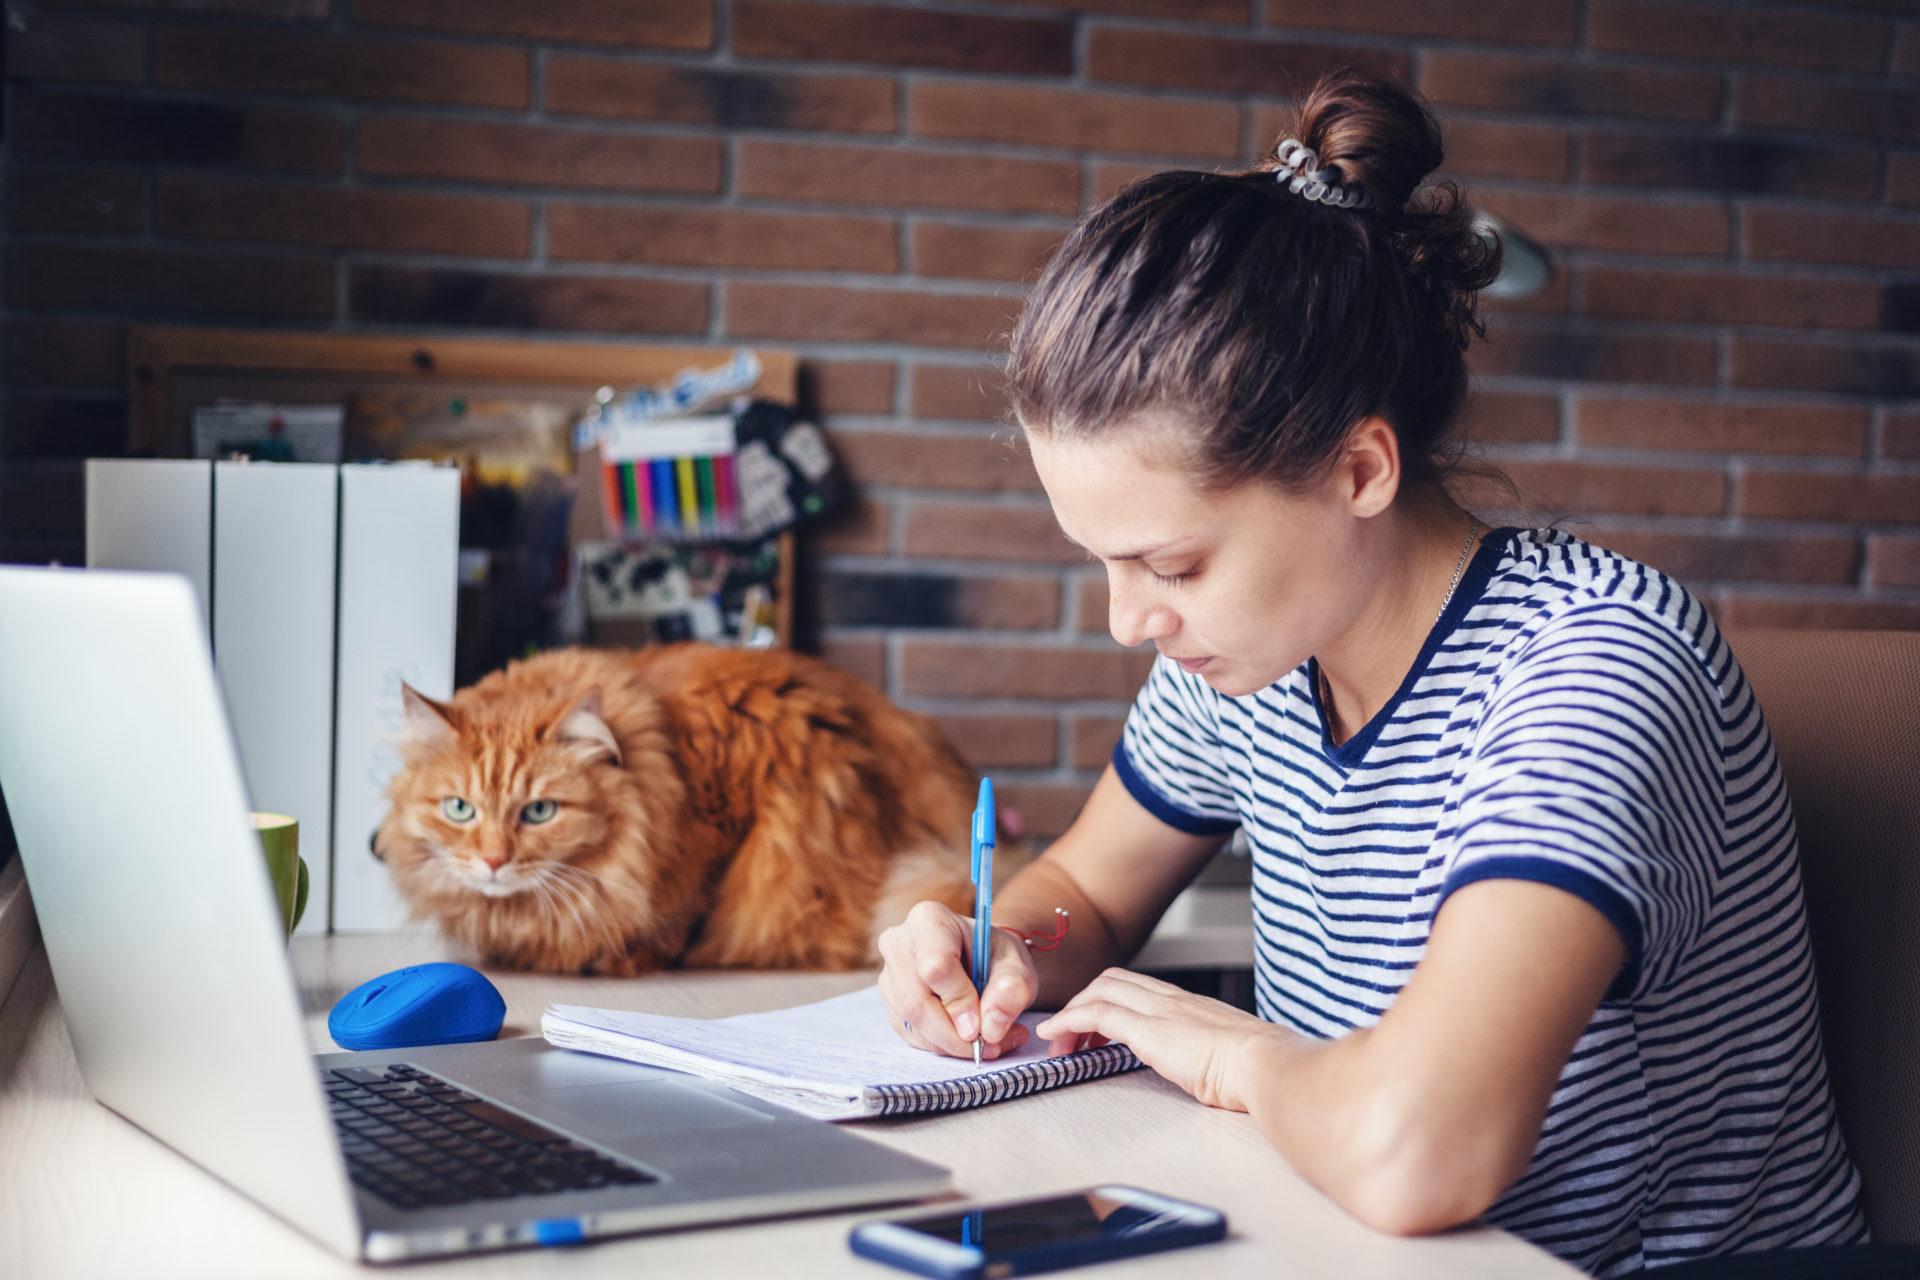 Как научиться удалённой работе работа бухгалтером удаленно на дому без опыта